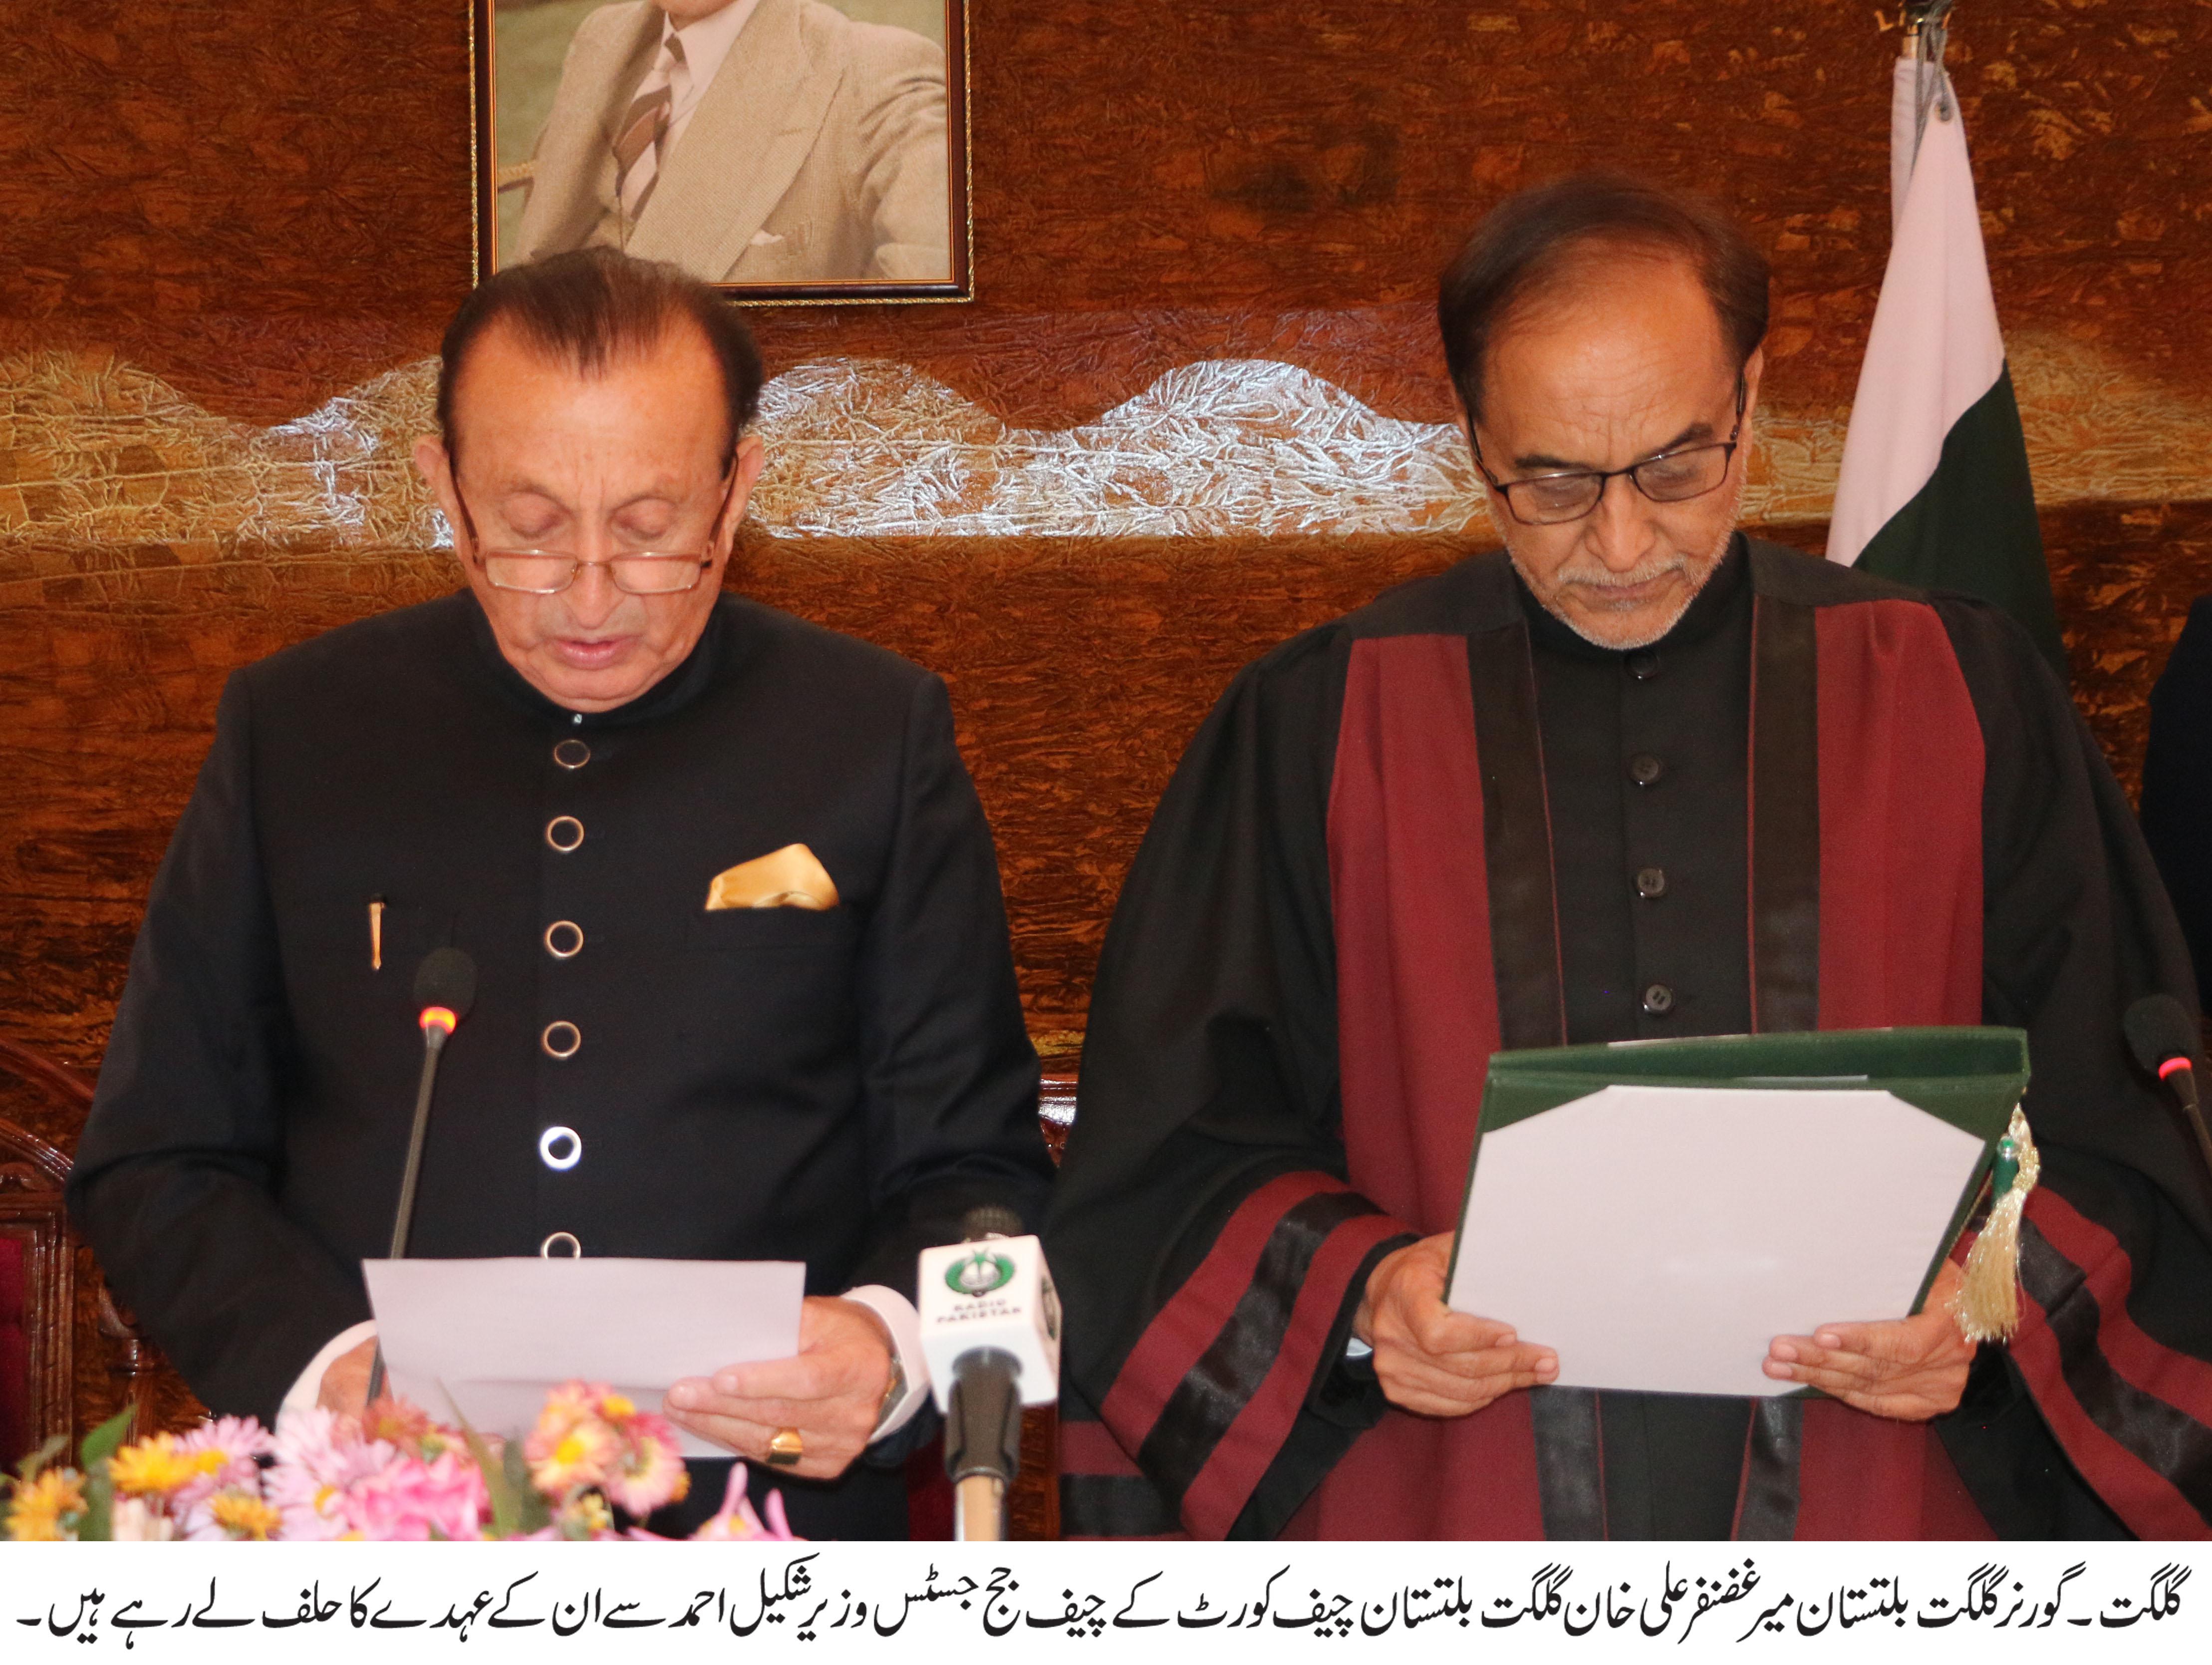 چیف جج چیف کورٹ جسٹس وزیر شکیل احمد اور جسٹس علی بیگ نے اپنے عہدوں کا حلف لے لیا